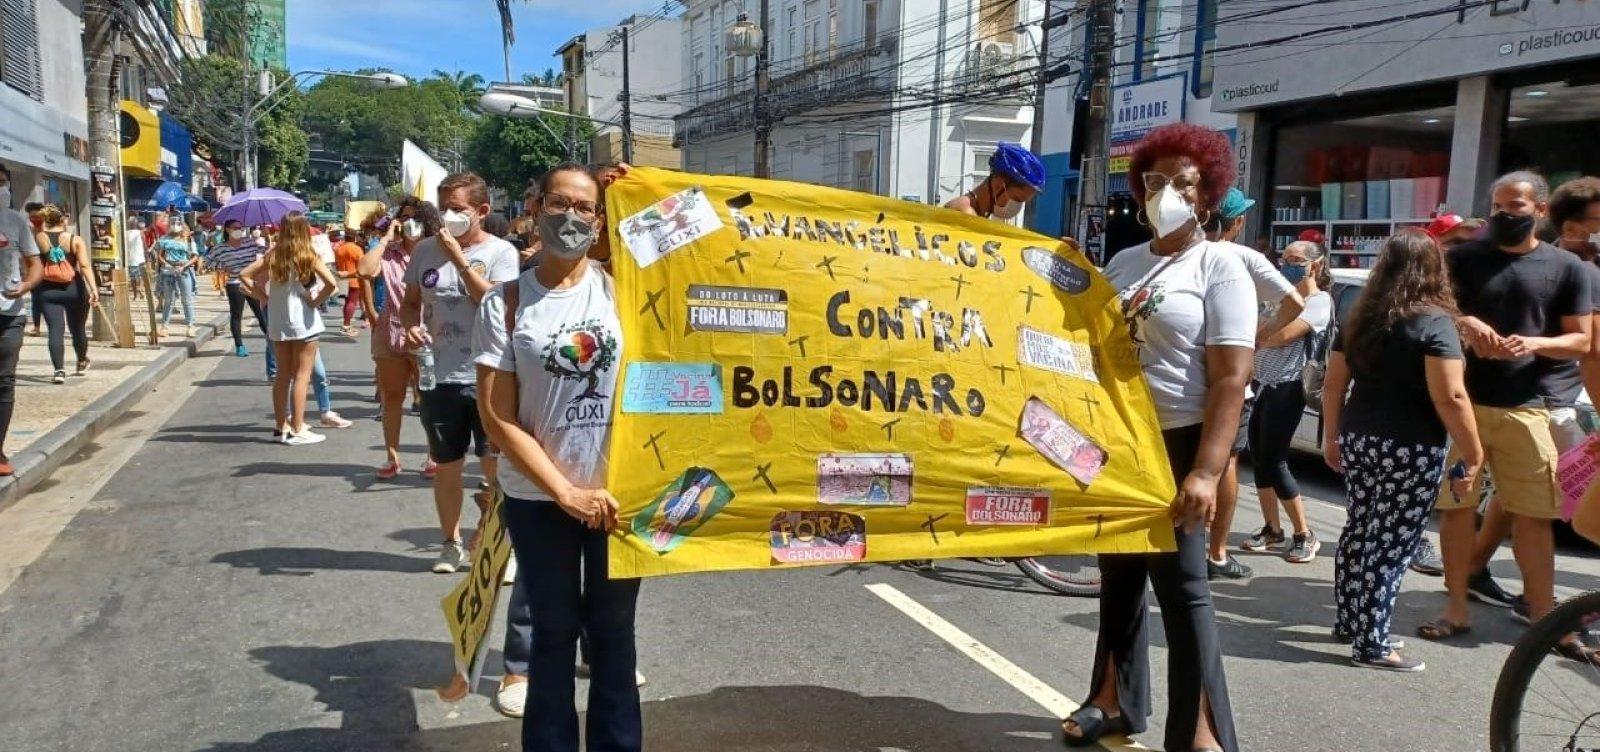 Grupo de negros e evangélicos de Salvador organiza manifesto contra Bolsonaro